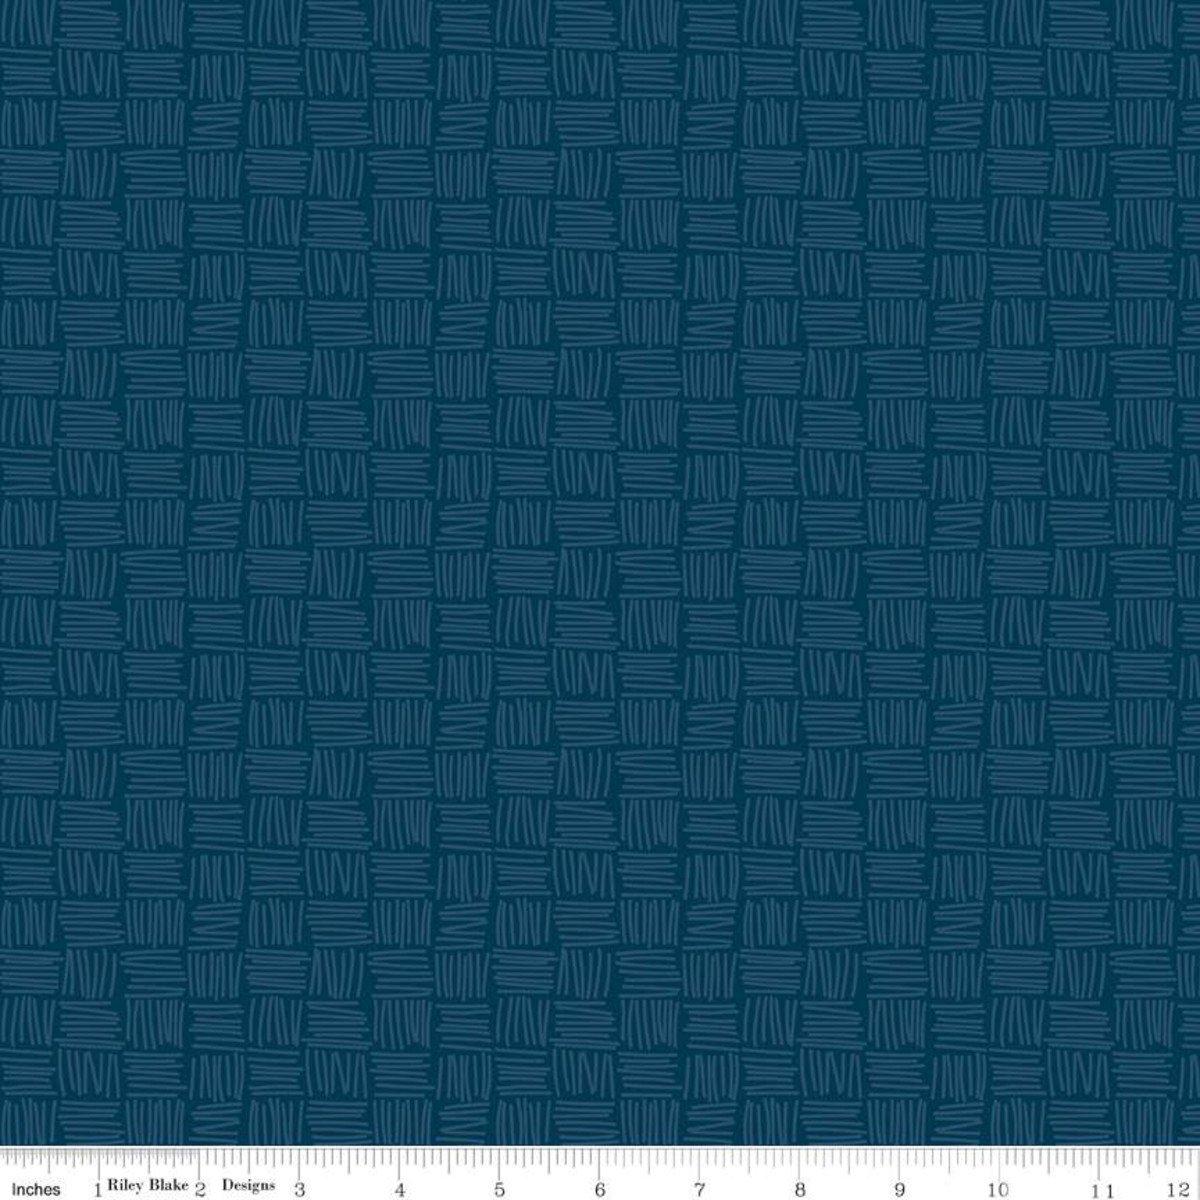 Dream Weaver - Weave Navy